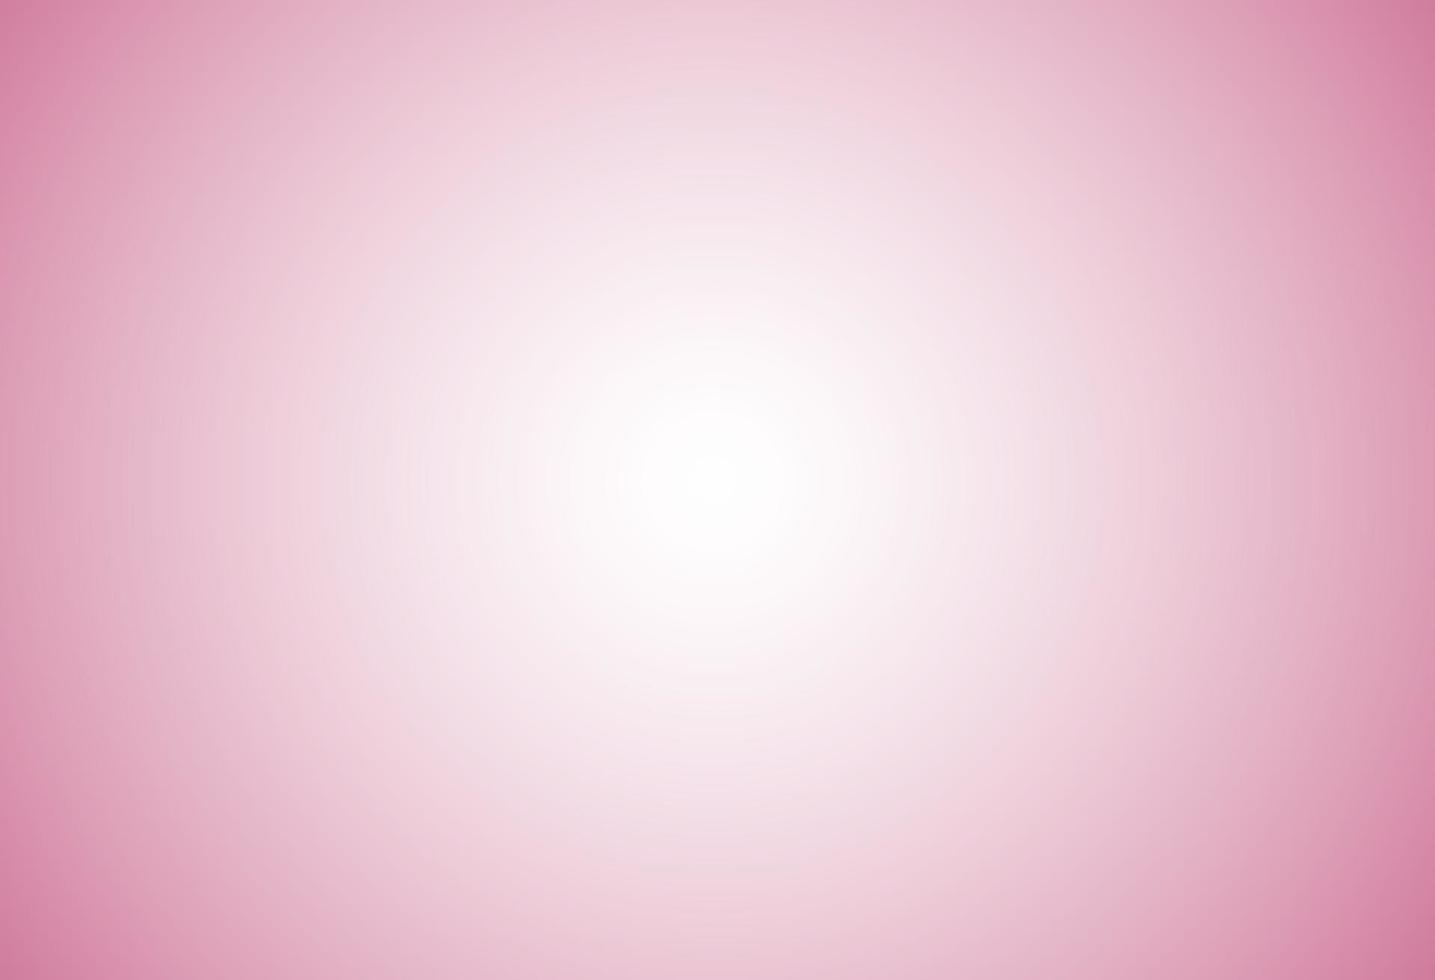 style dégradé rose. illustration de fond abstrait vecteur